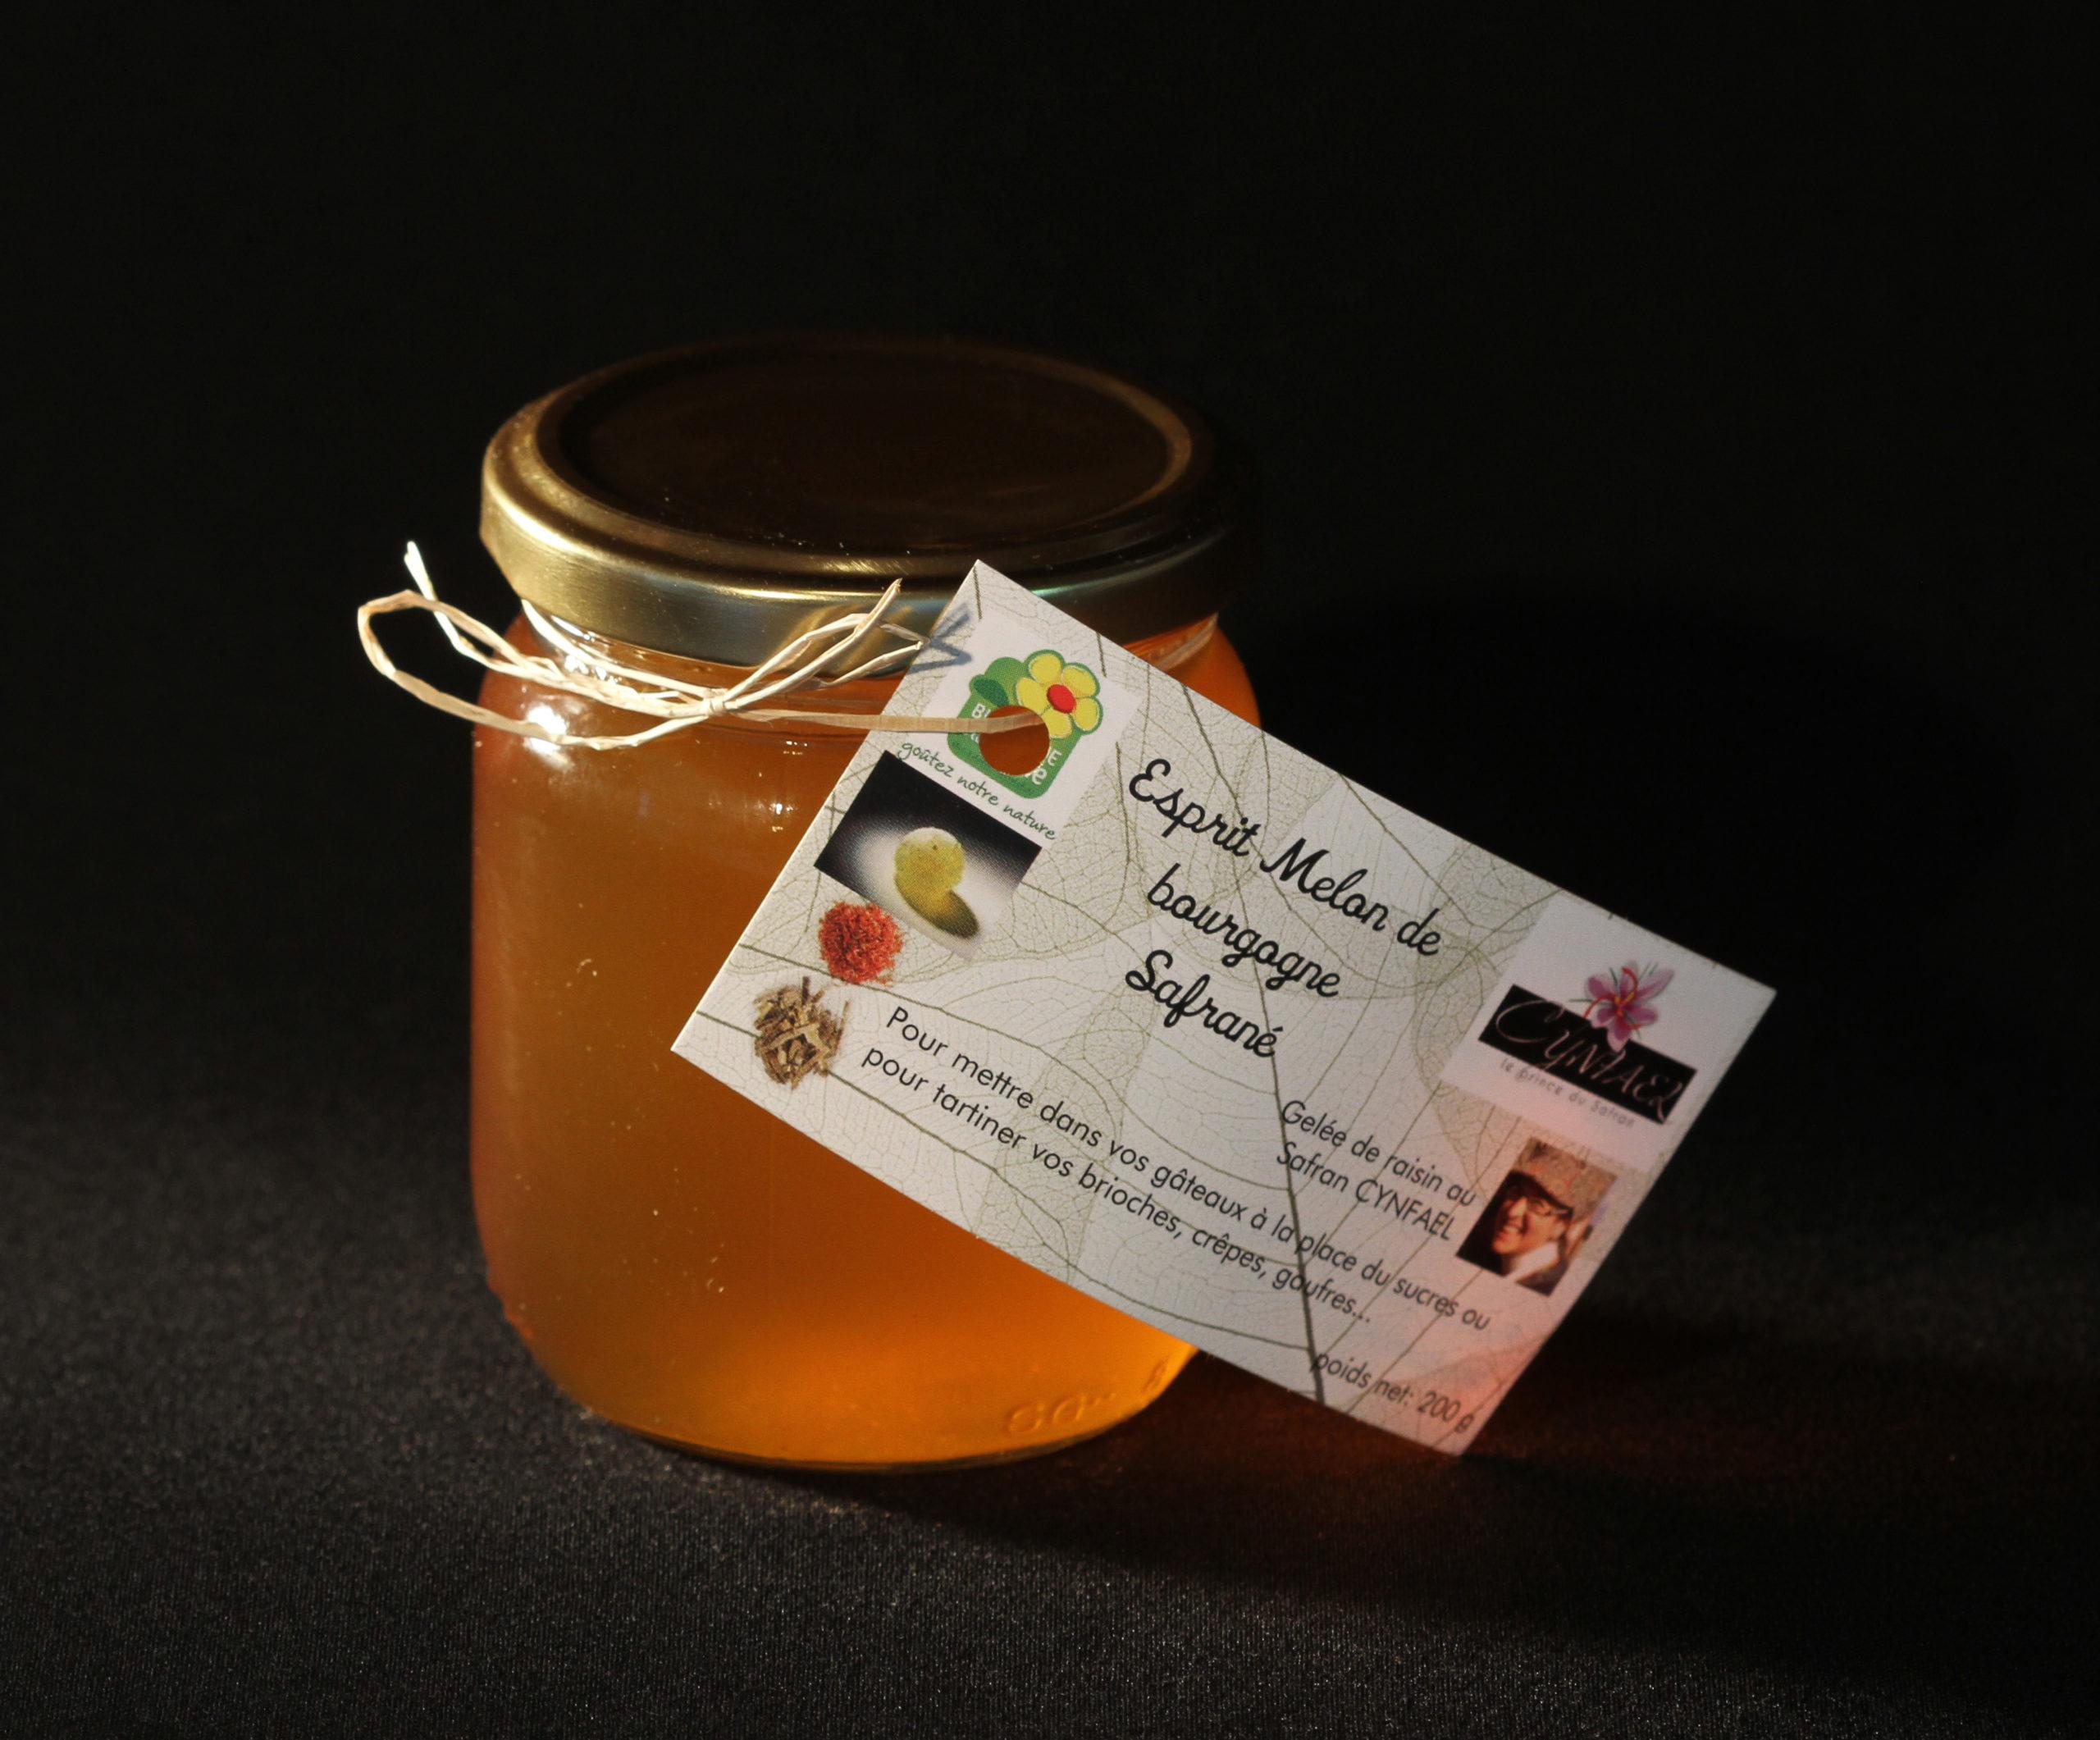 Esprit Melon de bourgogne Safrané